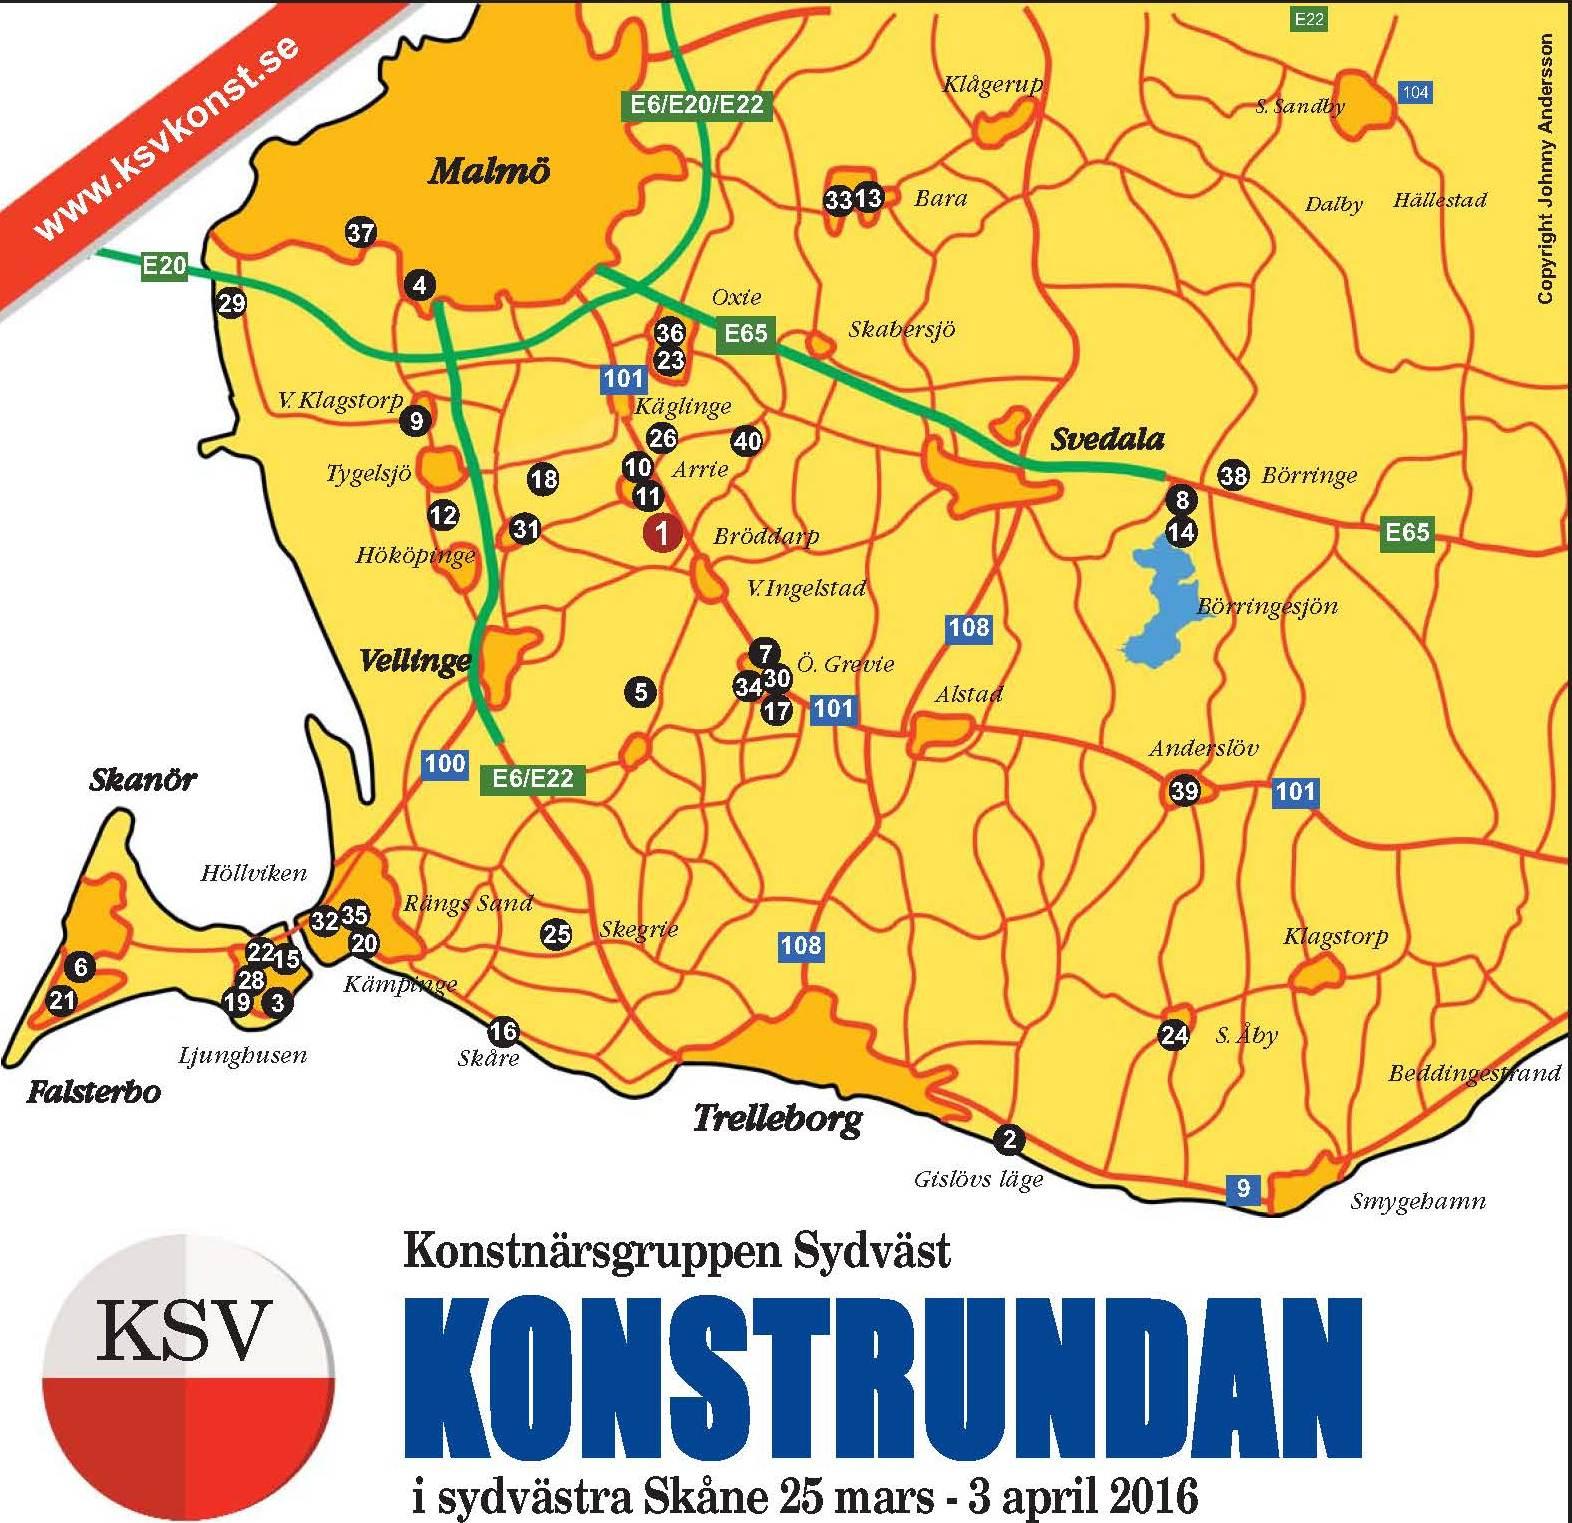 konstrundan österlen karta Konstrundan Skåne Karta | skinandscones konstrundan österlen karta